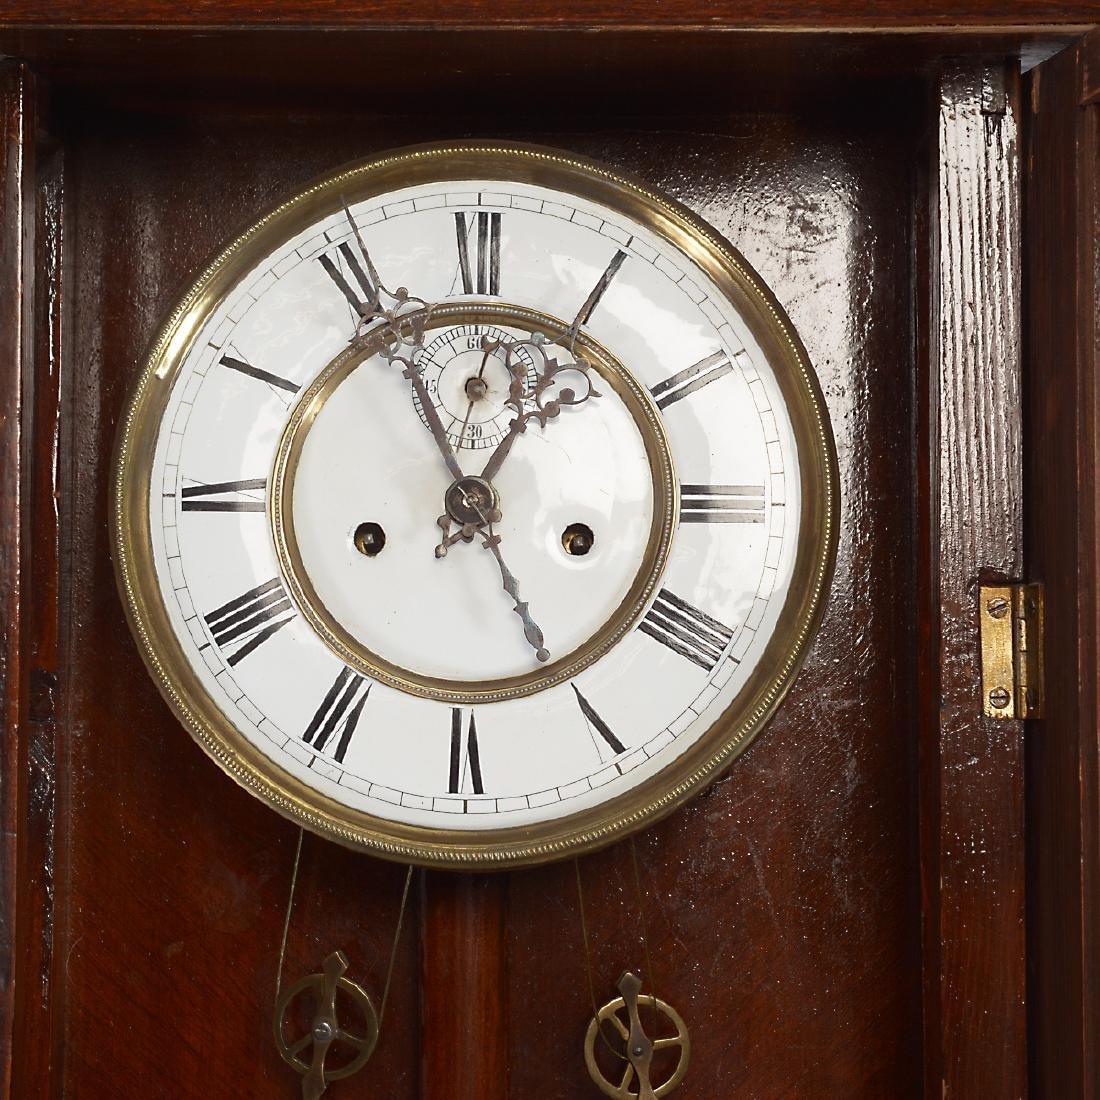 Renaissance Revival Walnut Cased Regulator Clock - 6